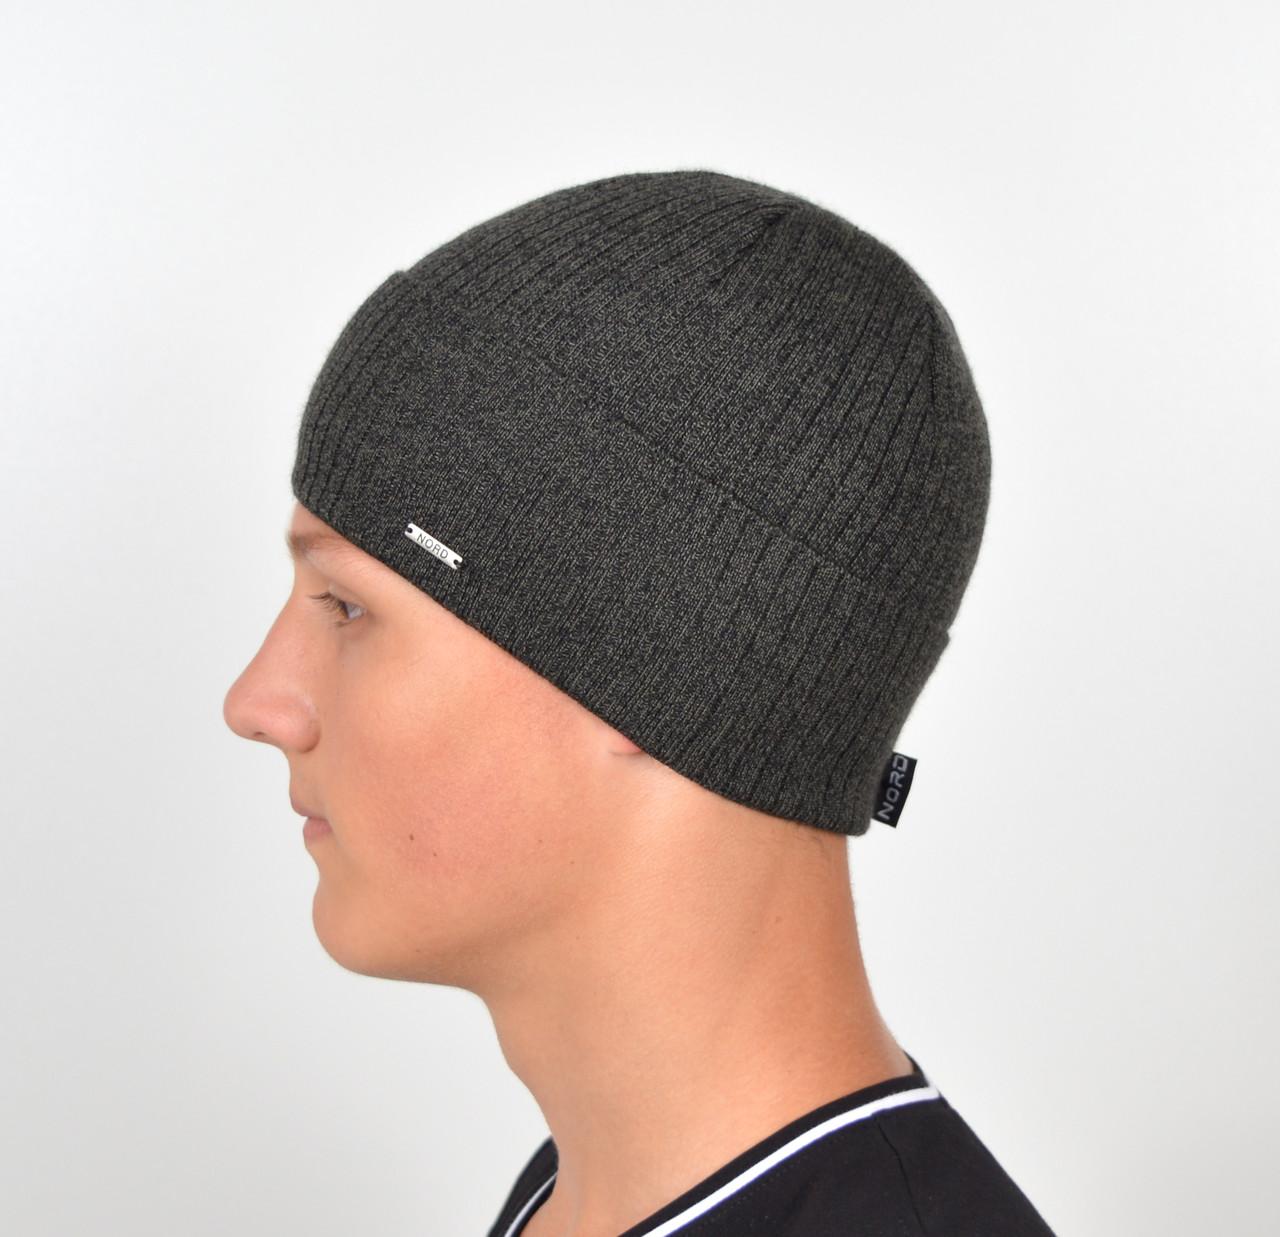 шапка норд оптом